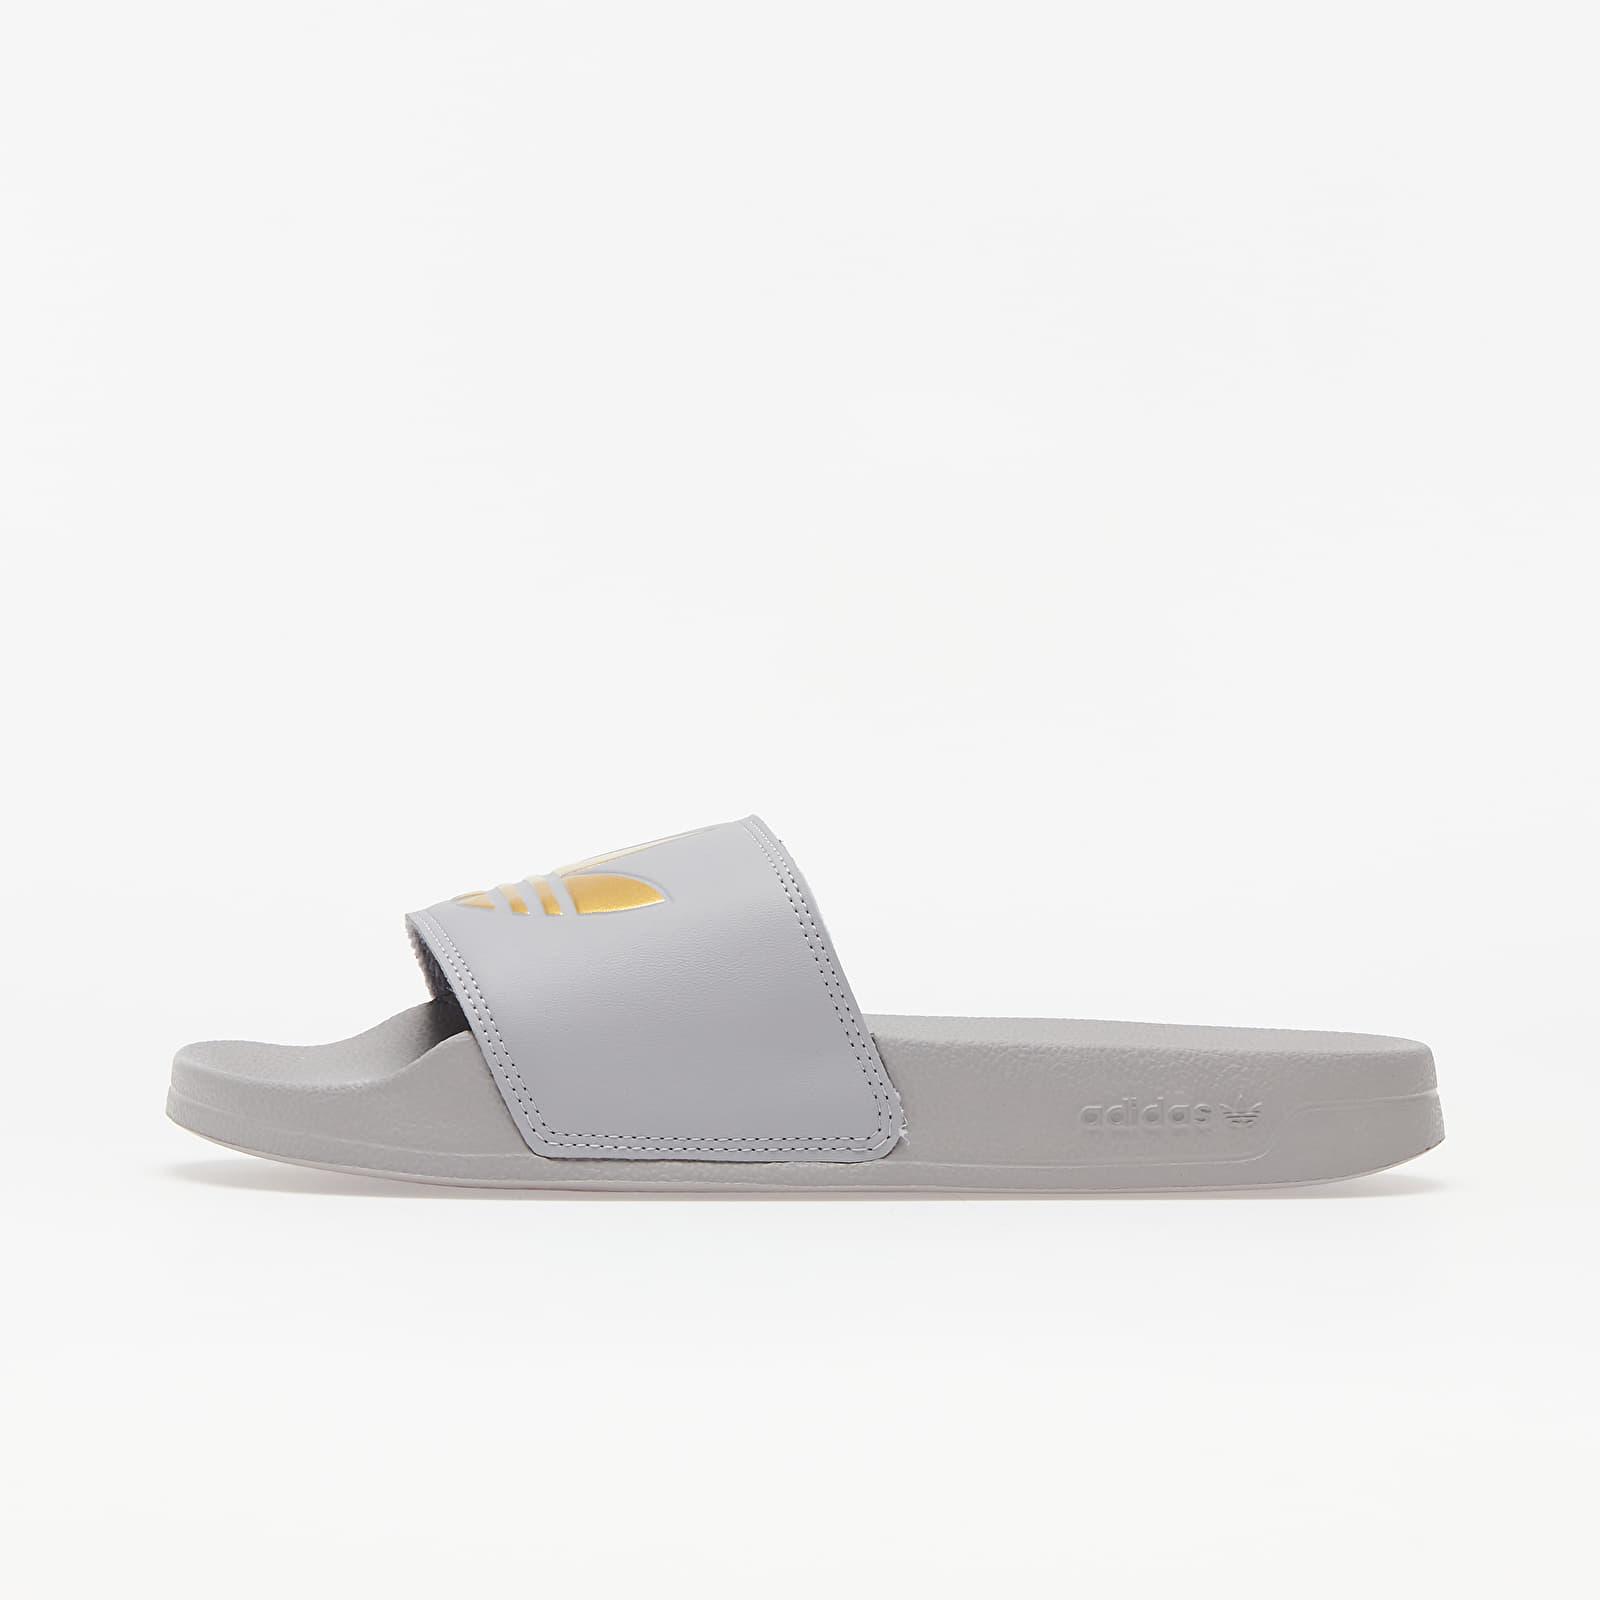 Frauen adidas Adilette Lite W Glow Grey/ Gold Metalic/ Glow Grey